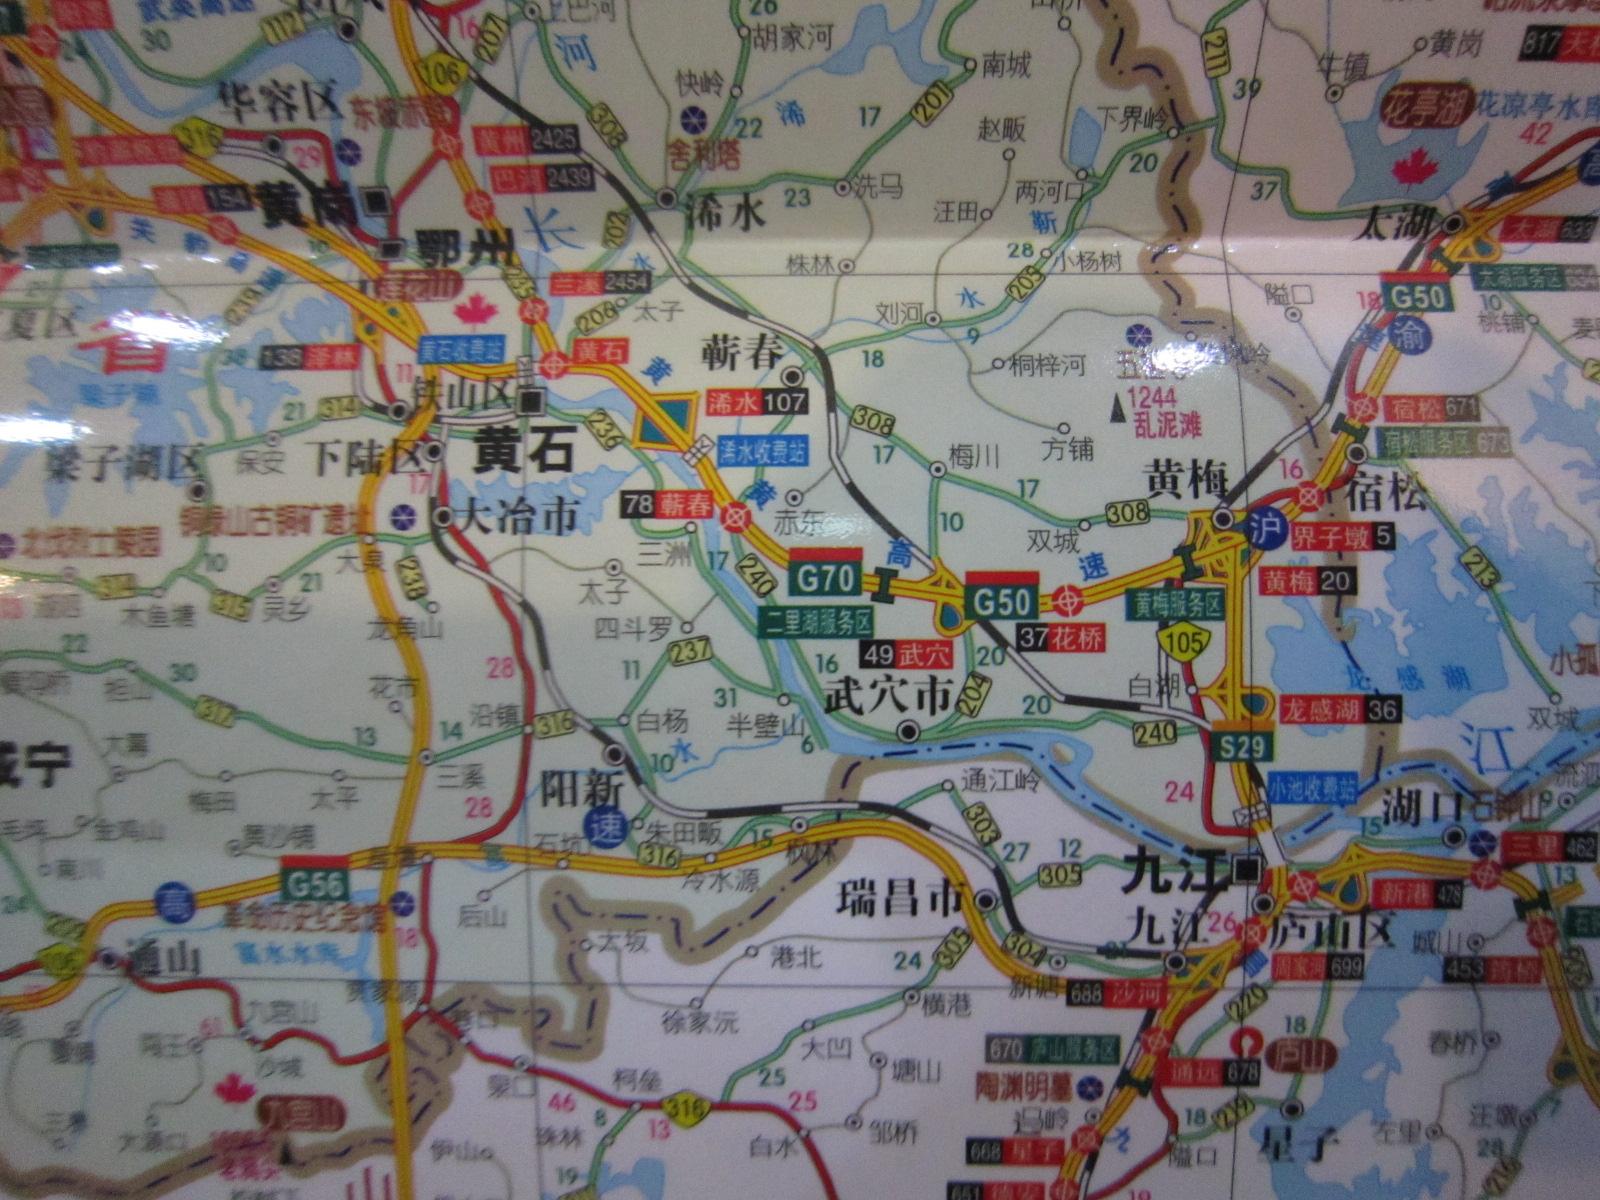 陕西和河南地图_陕西河南地图